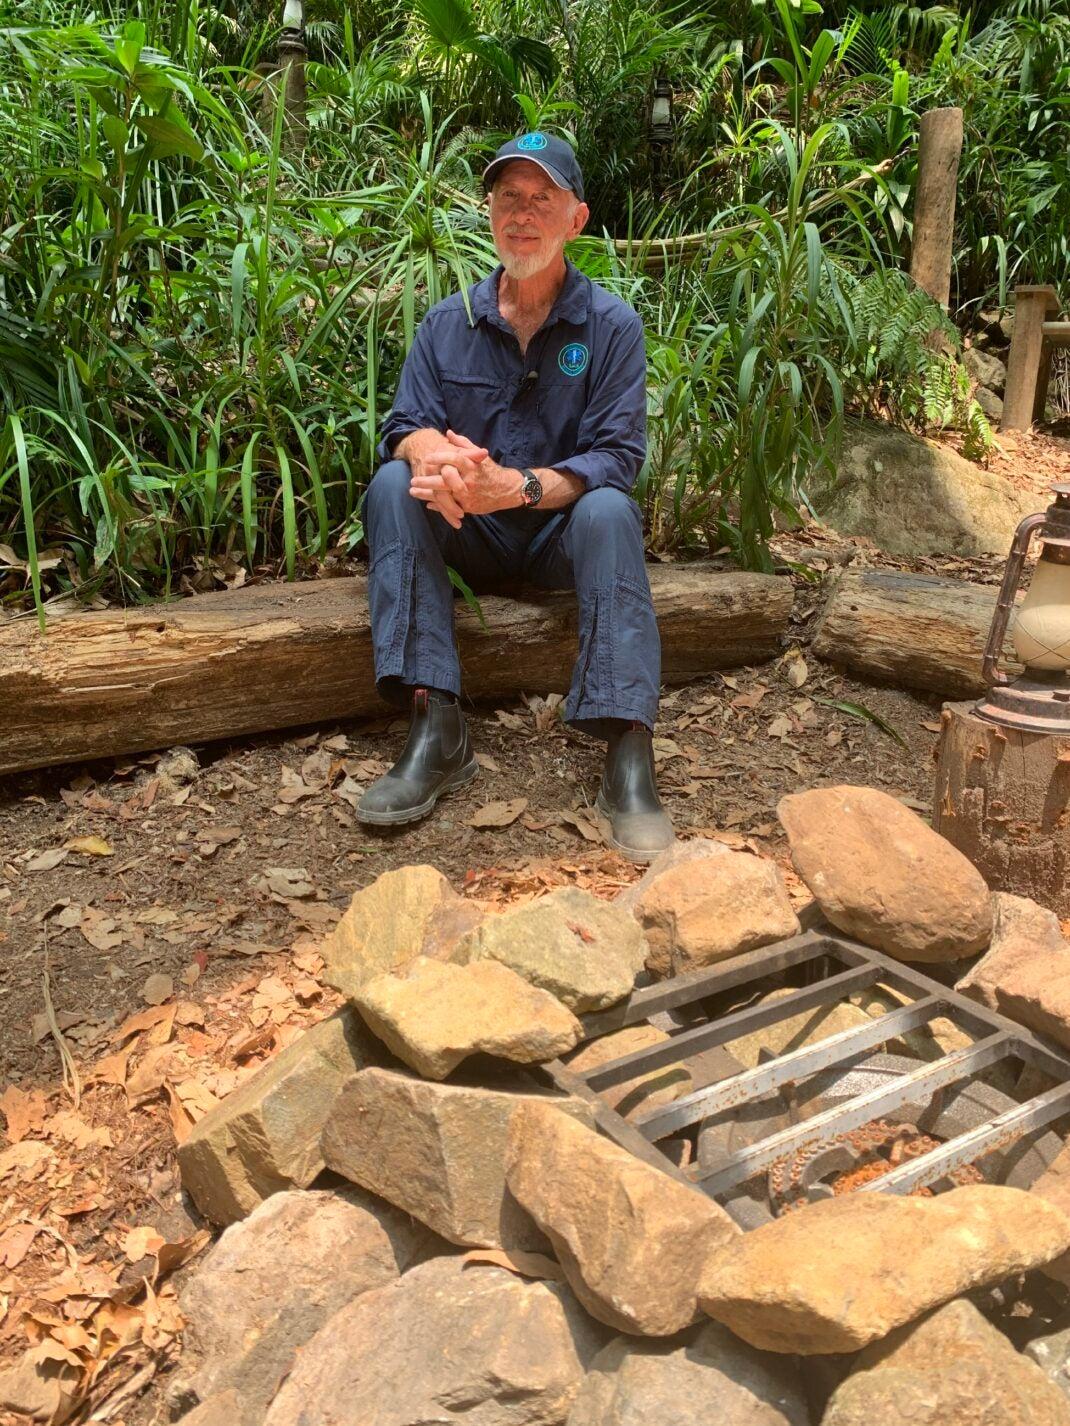 Dschungelarzt Dr. Bob an der Feuerstelle, die 2020 aus einem Gaskocher besteht